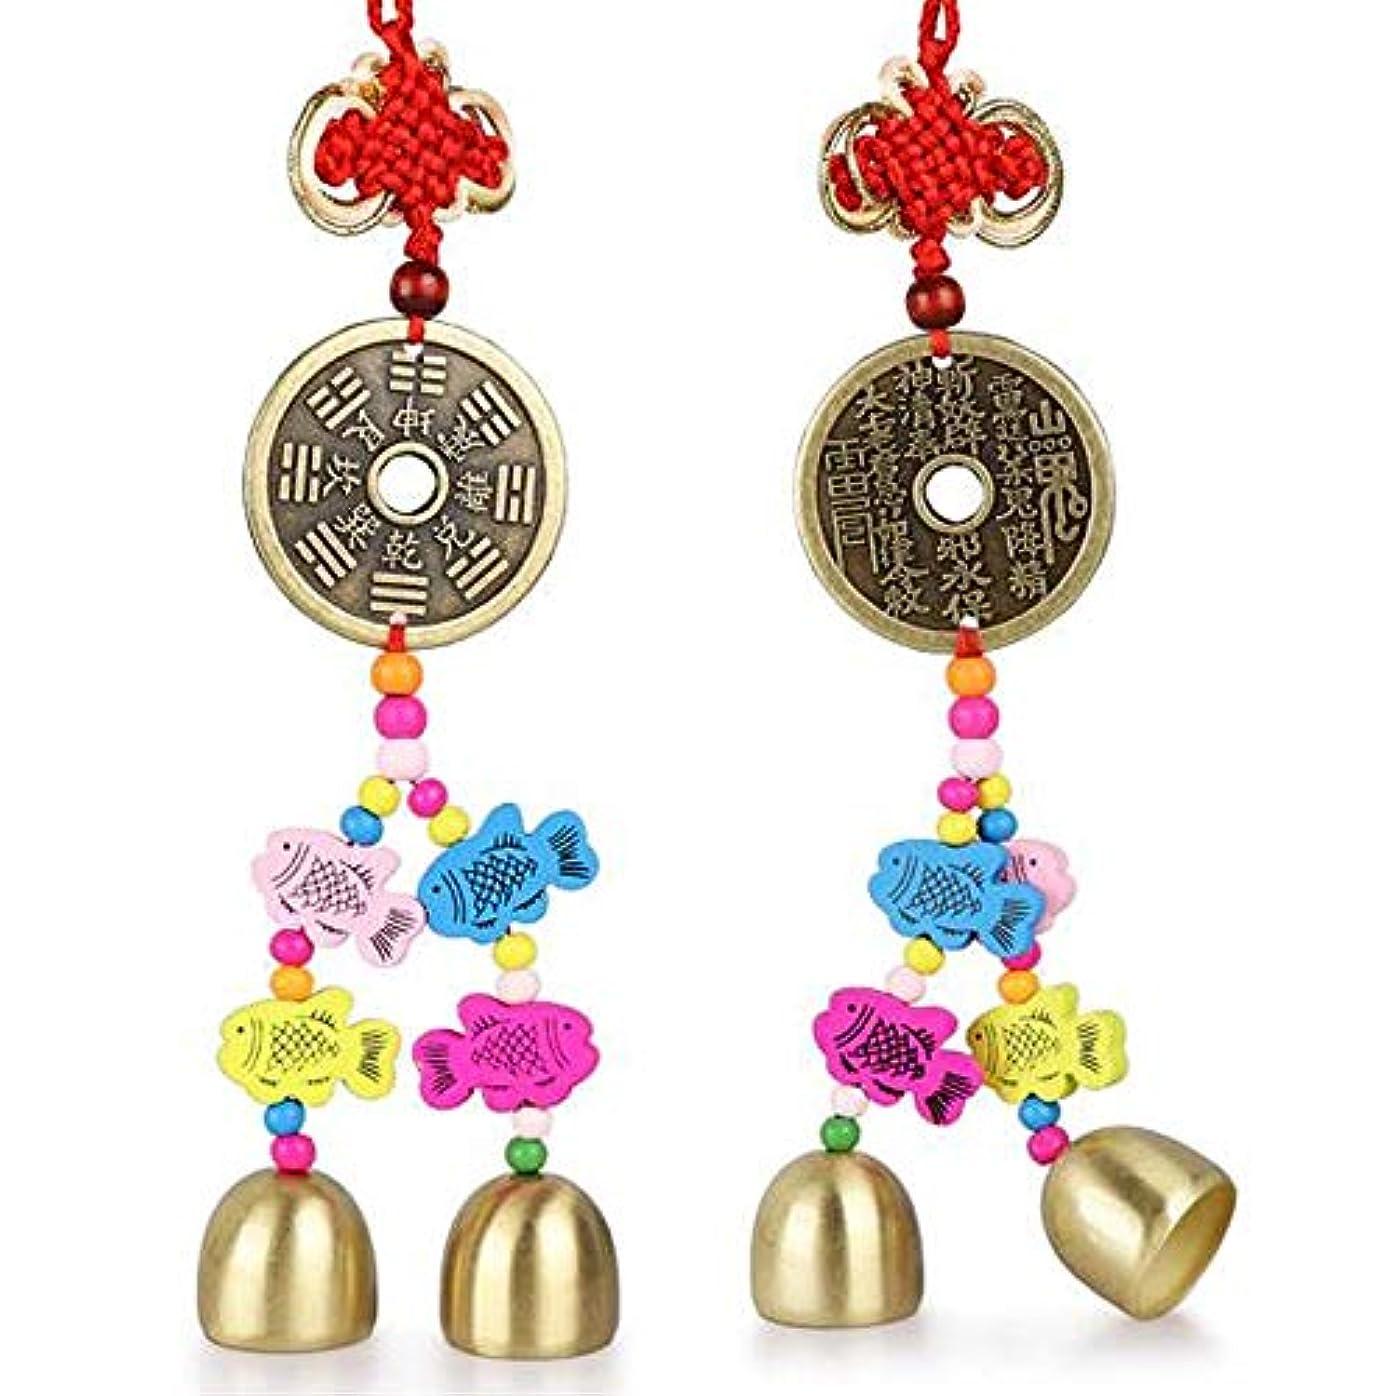 偉業弾性接触Aishanghuayi 風チャイム、中国のノット銅鐘ホーム車の装飾、ゴールド、全長約31センチメートル,ファッションオーナメント (Color : C)